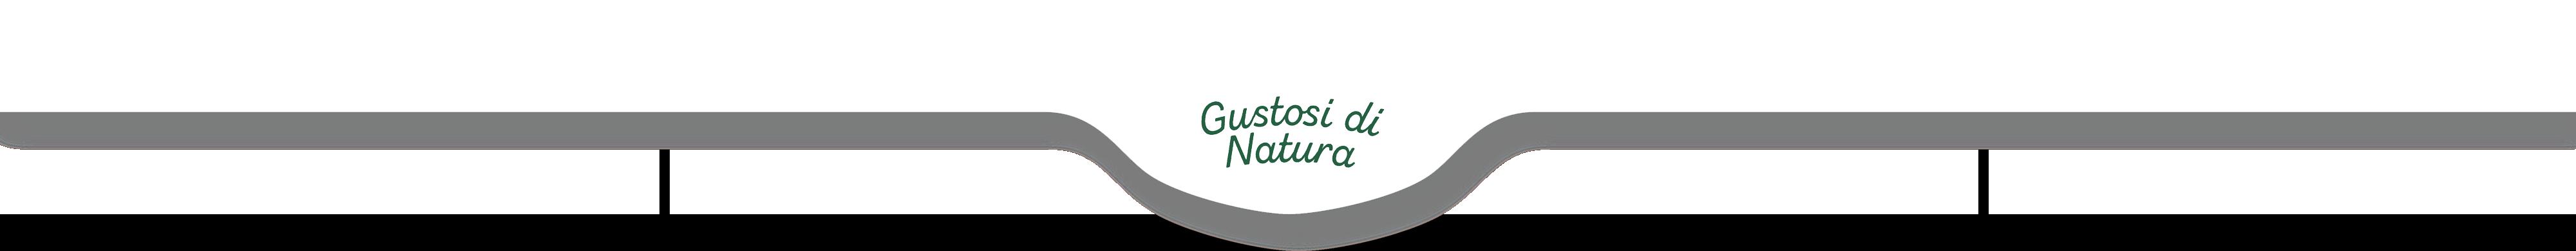 Gustosi-natura-header-sito-4